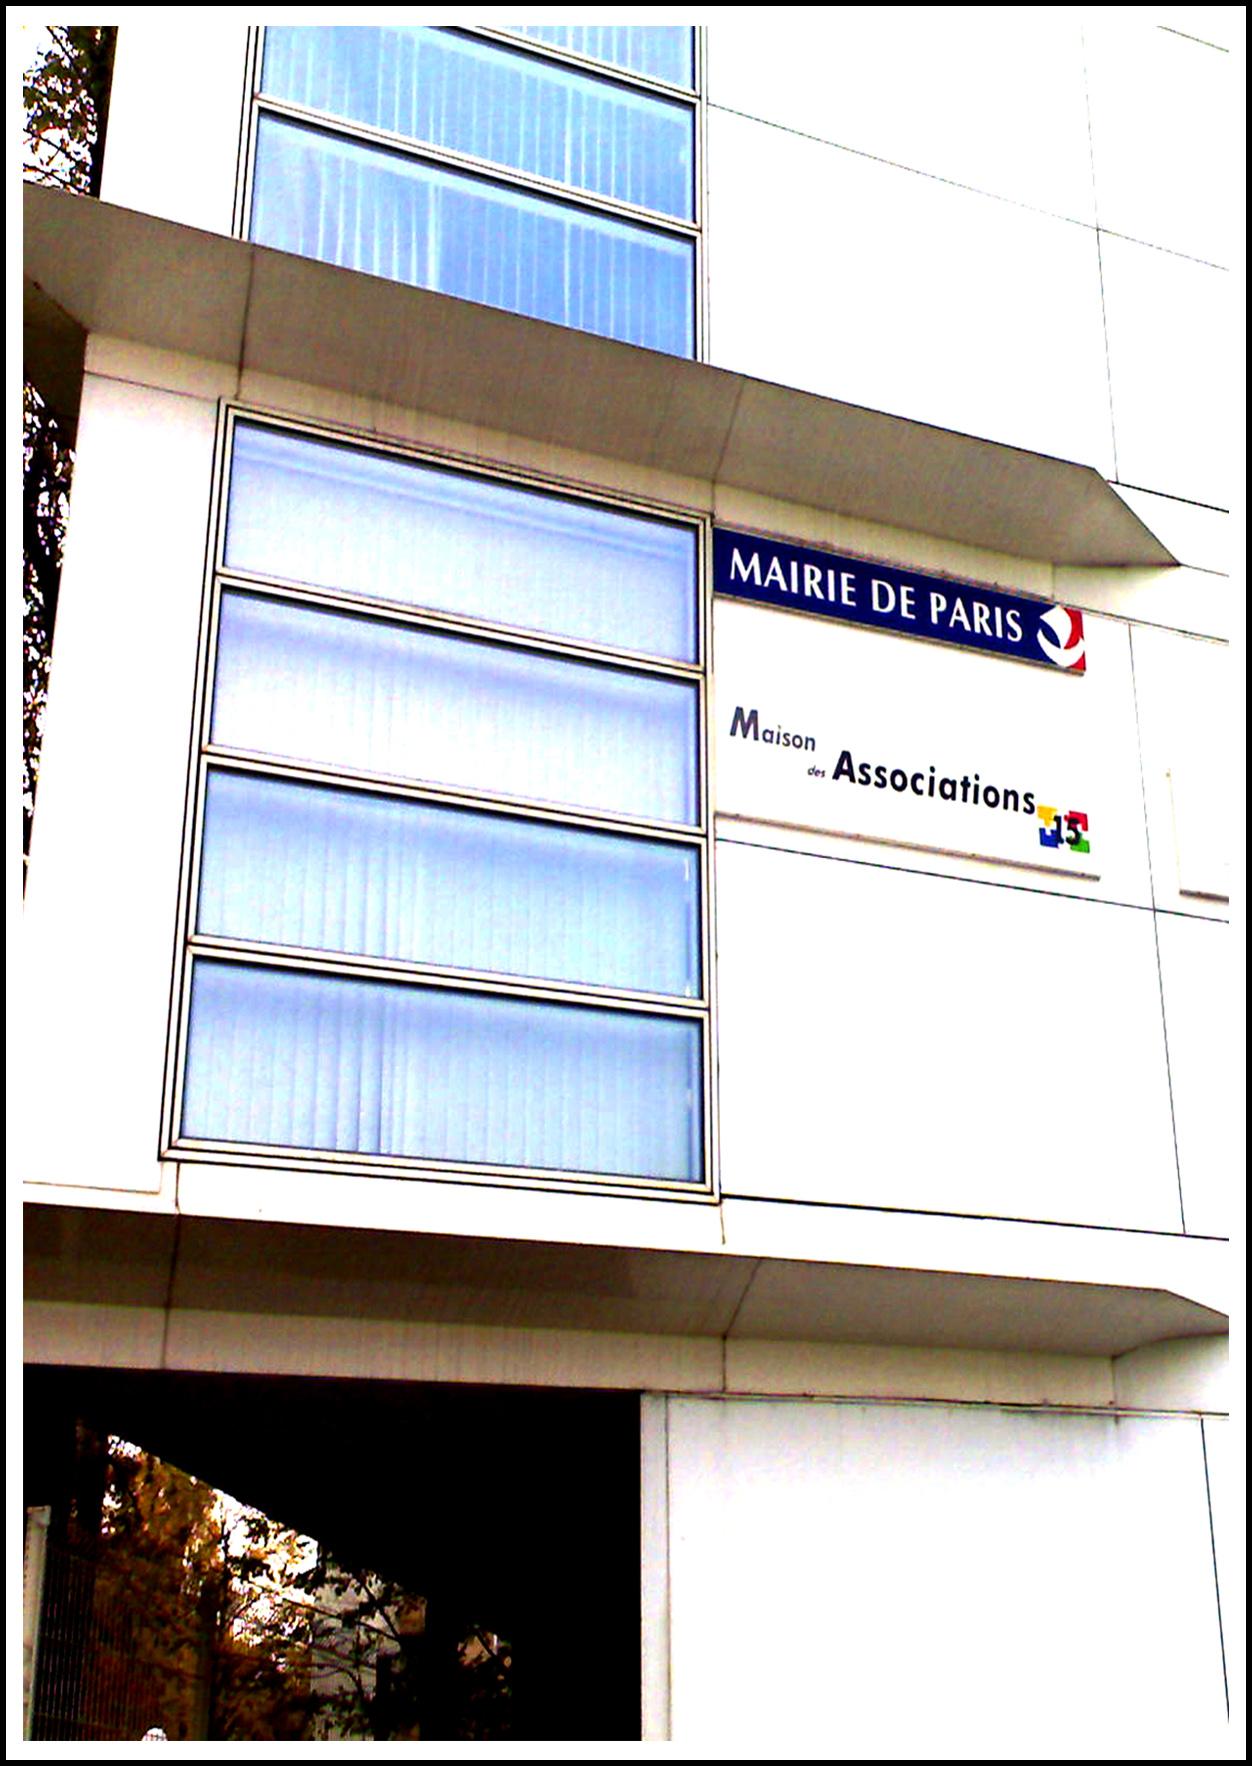 MDA 15EME - MAISON DES ASSOCIATIONS PARISExpo: 15/12/2012Vernissage: 15/12/2012